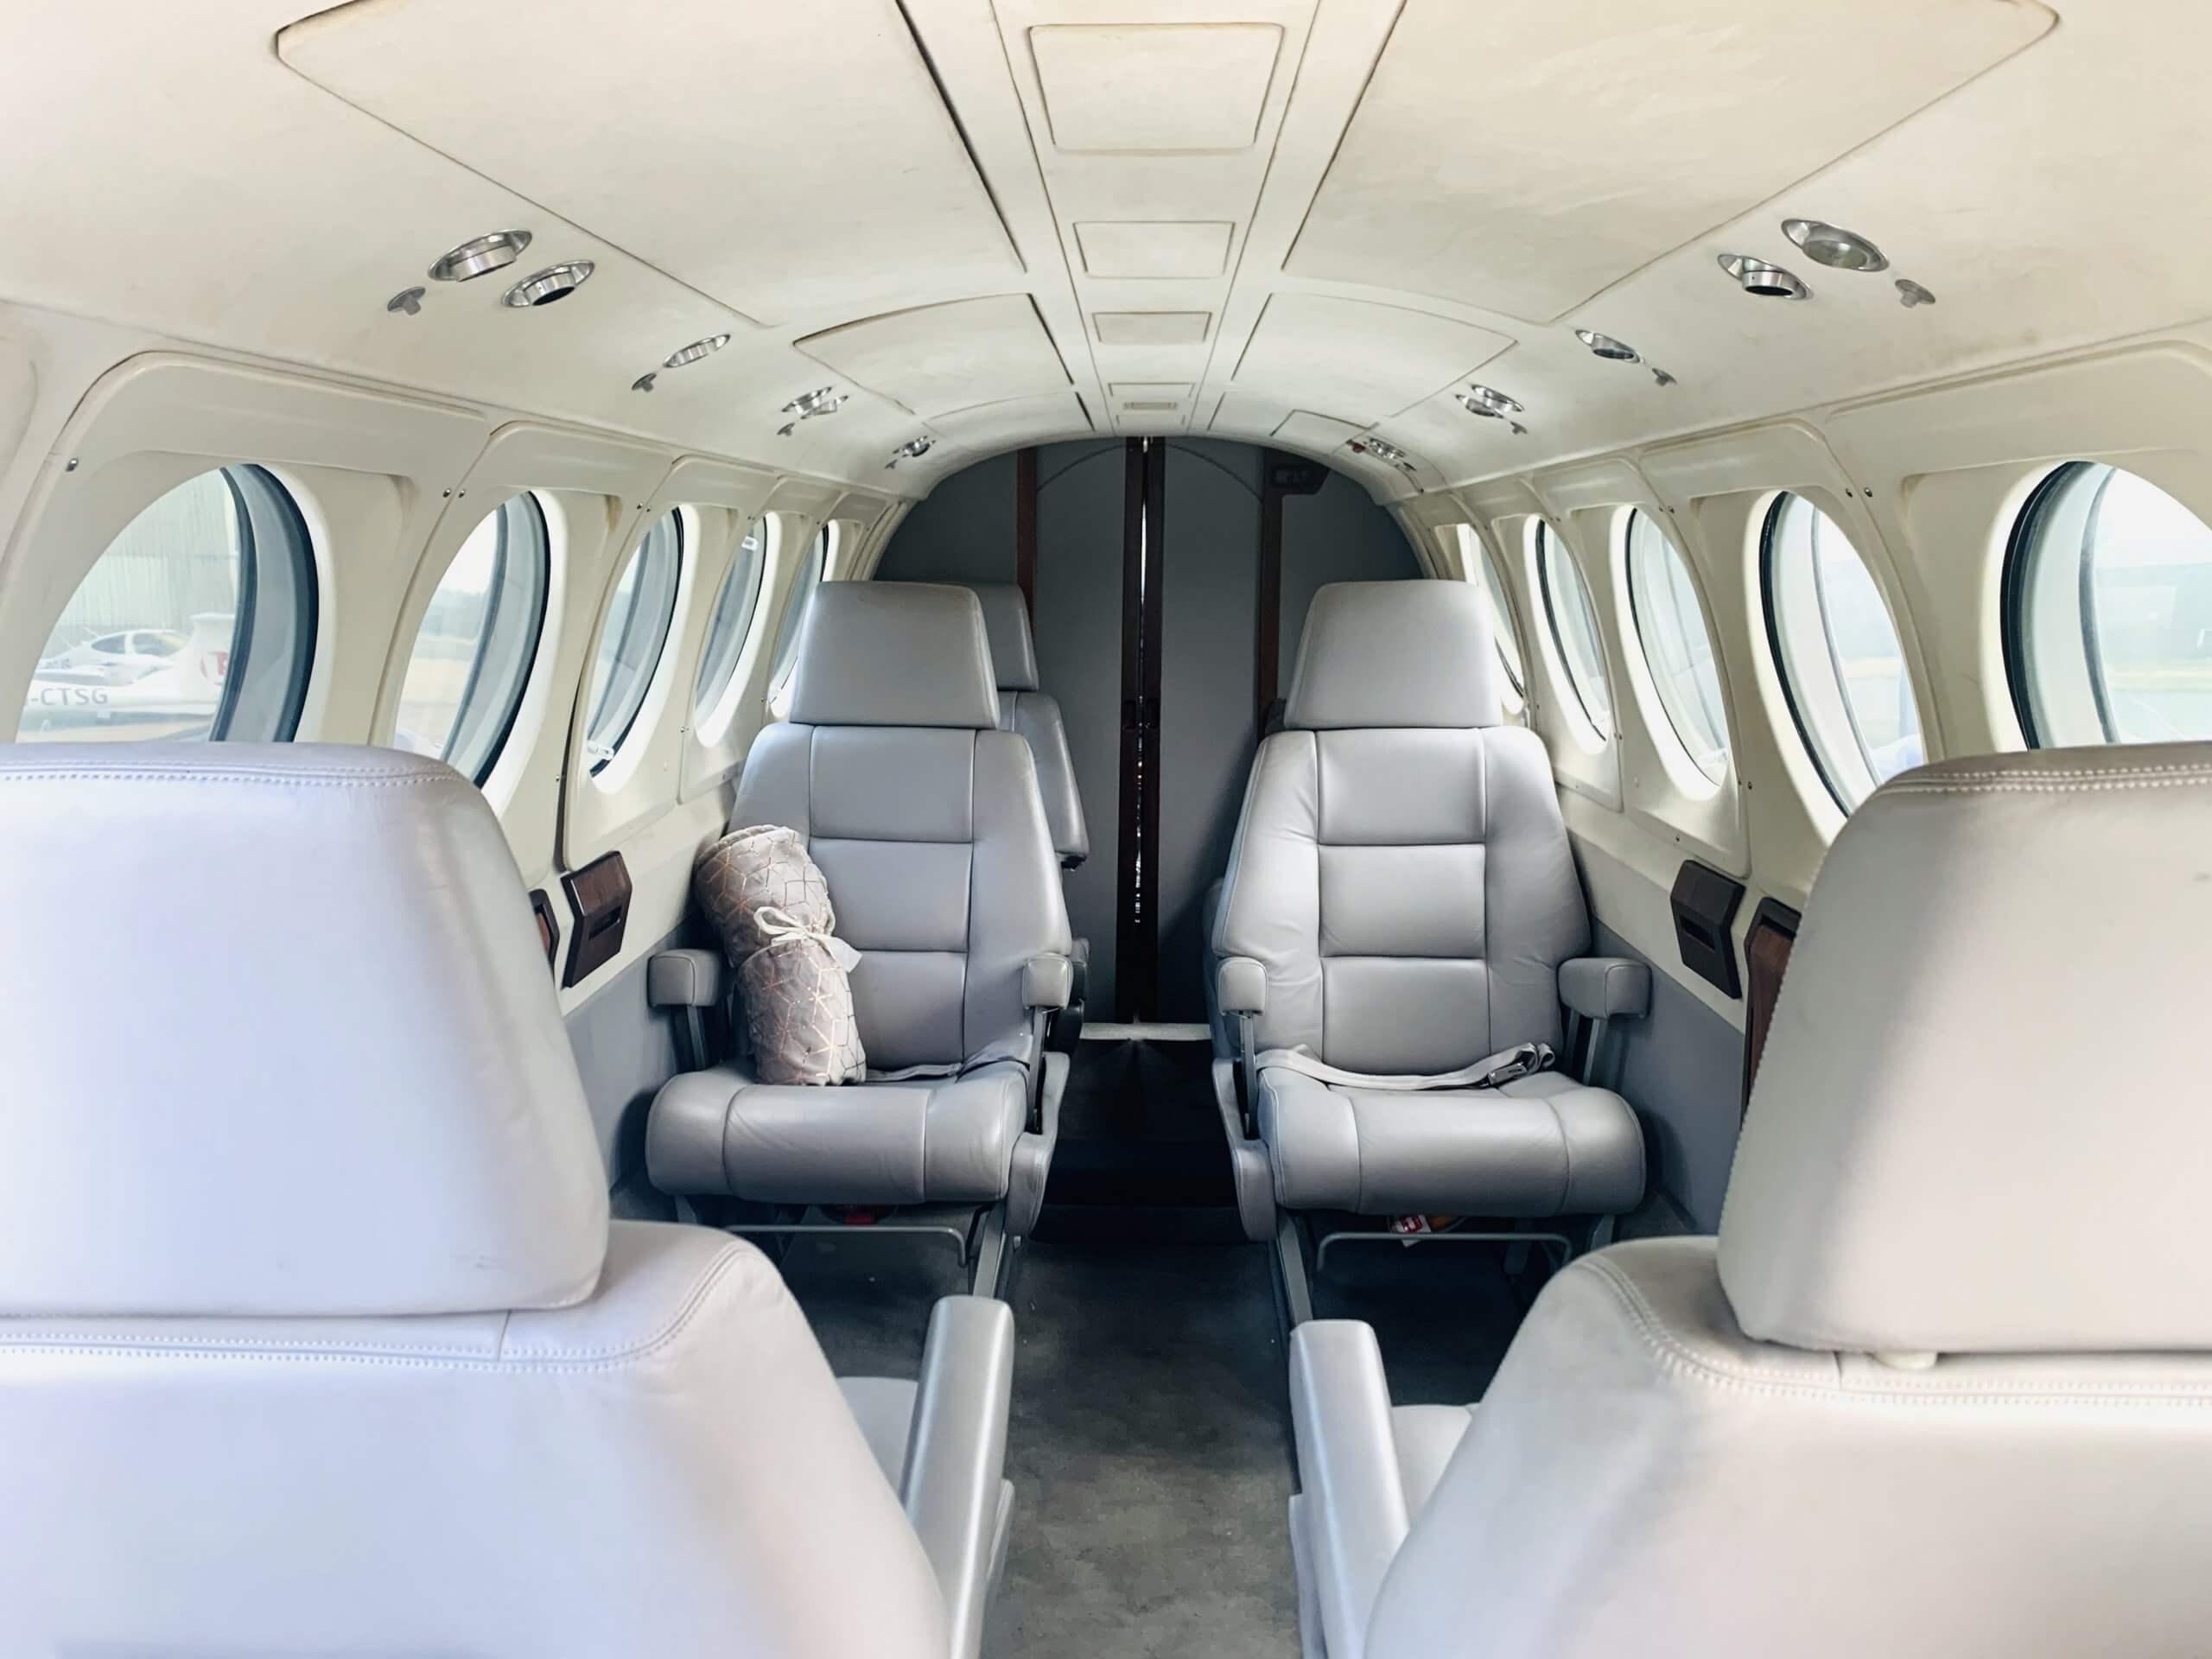 Air taxi cabin